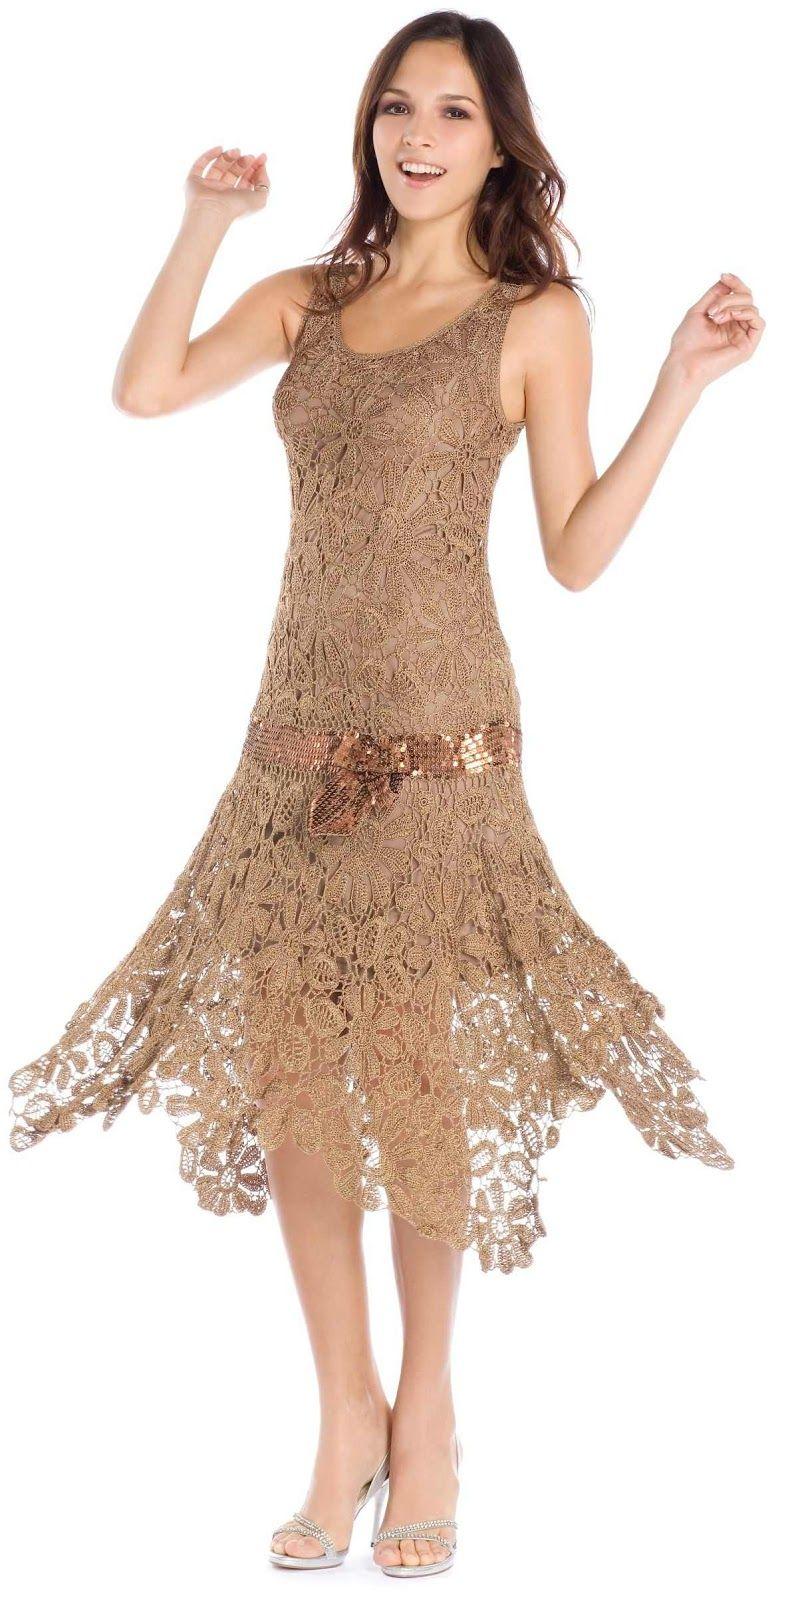 657c1bbb35f8 Vestido crochê irlandês   Arte do feito à mão   Vestidos de crochê ...